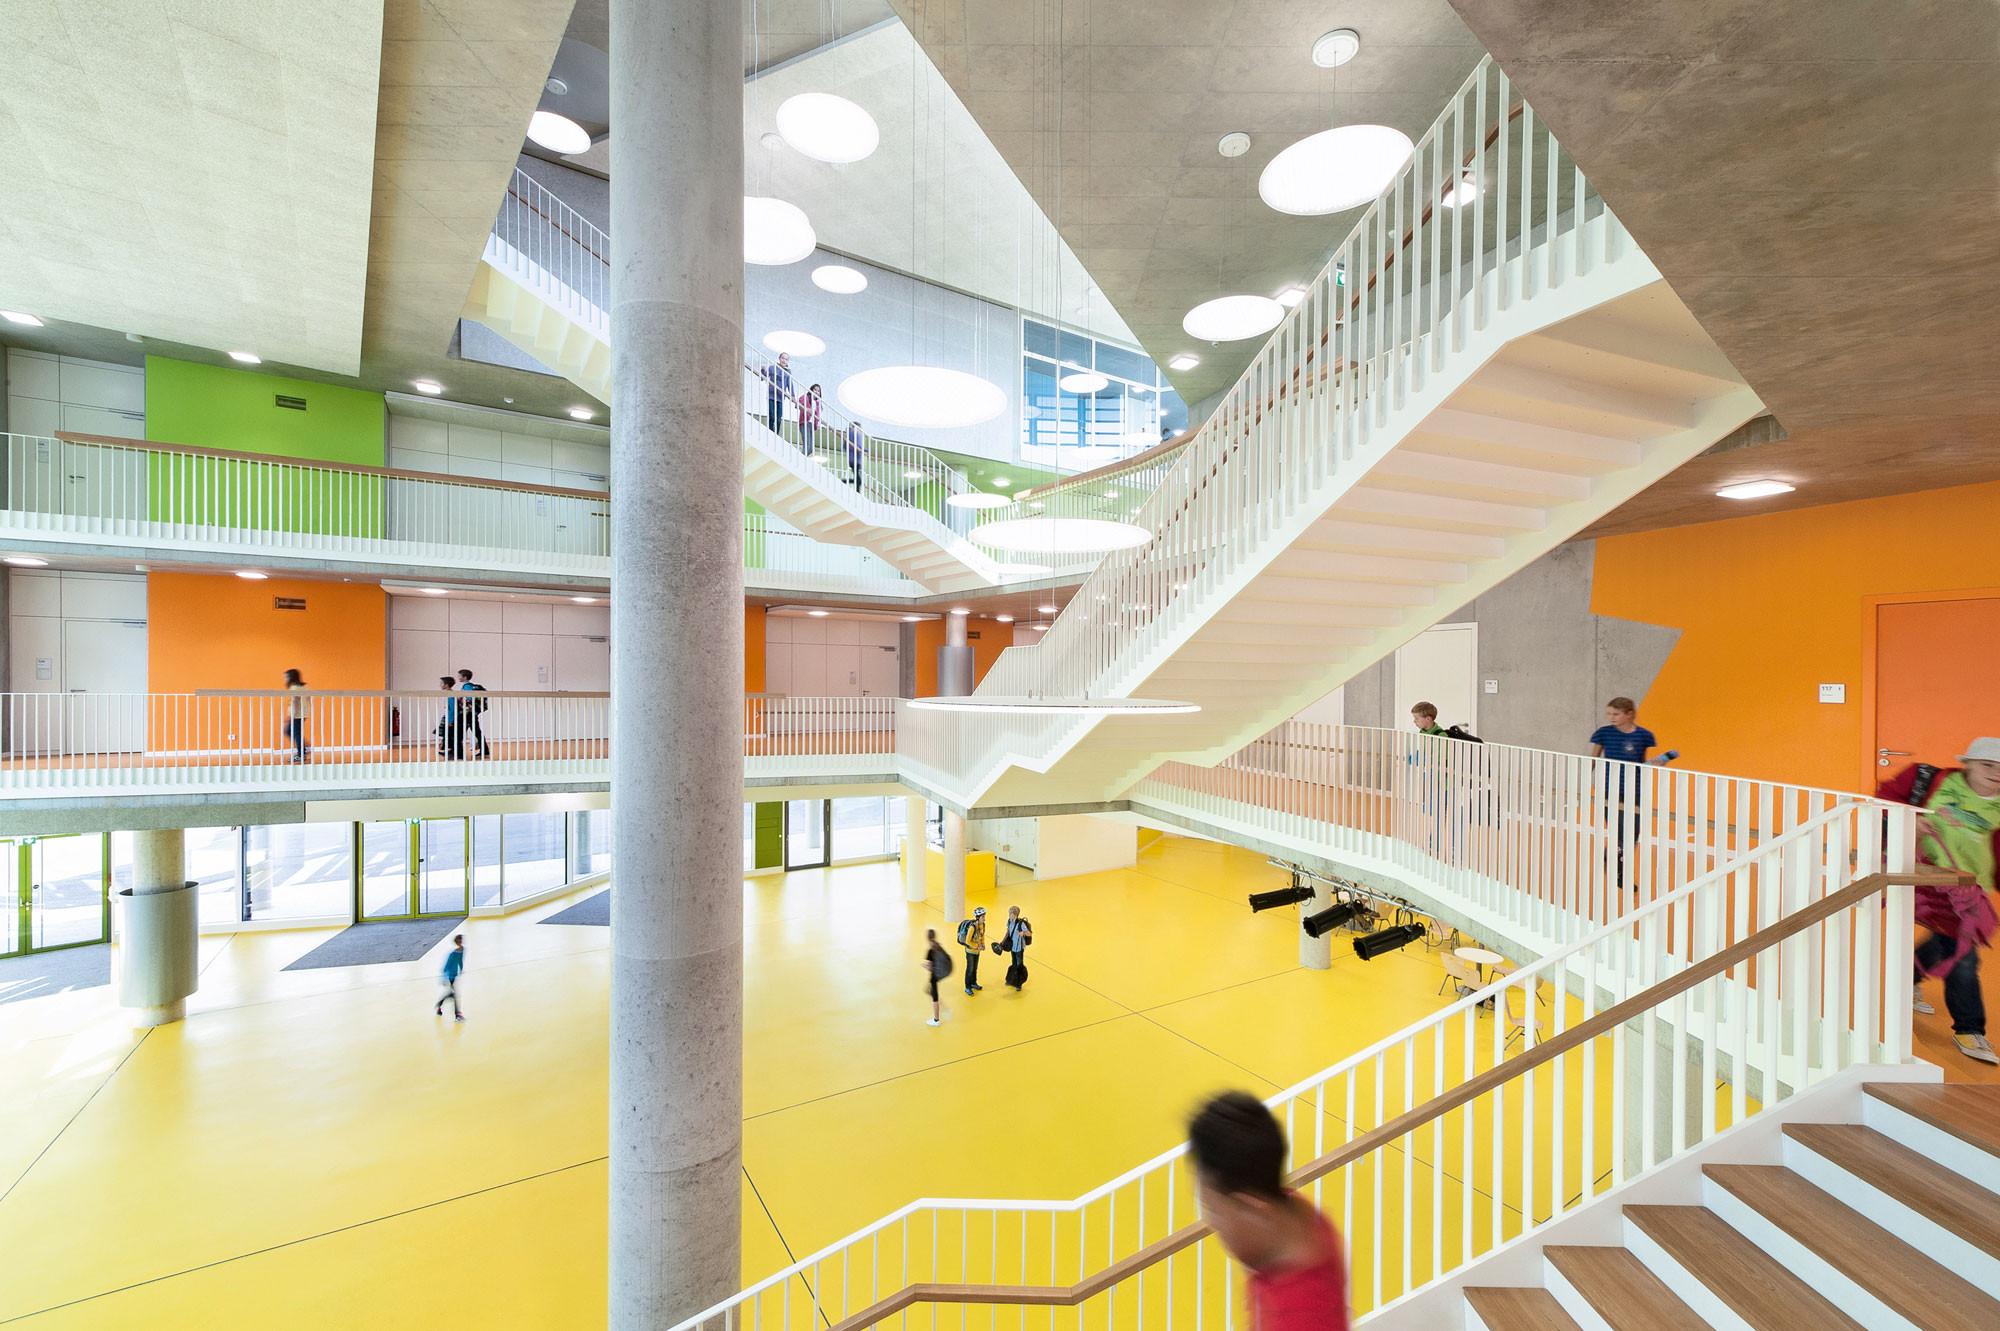 Gymnasium in ergolding boden bildung baunetz wissen for Design schule